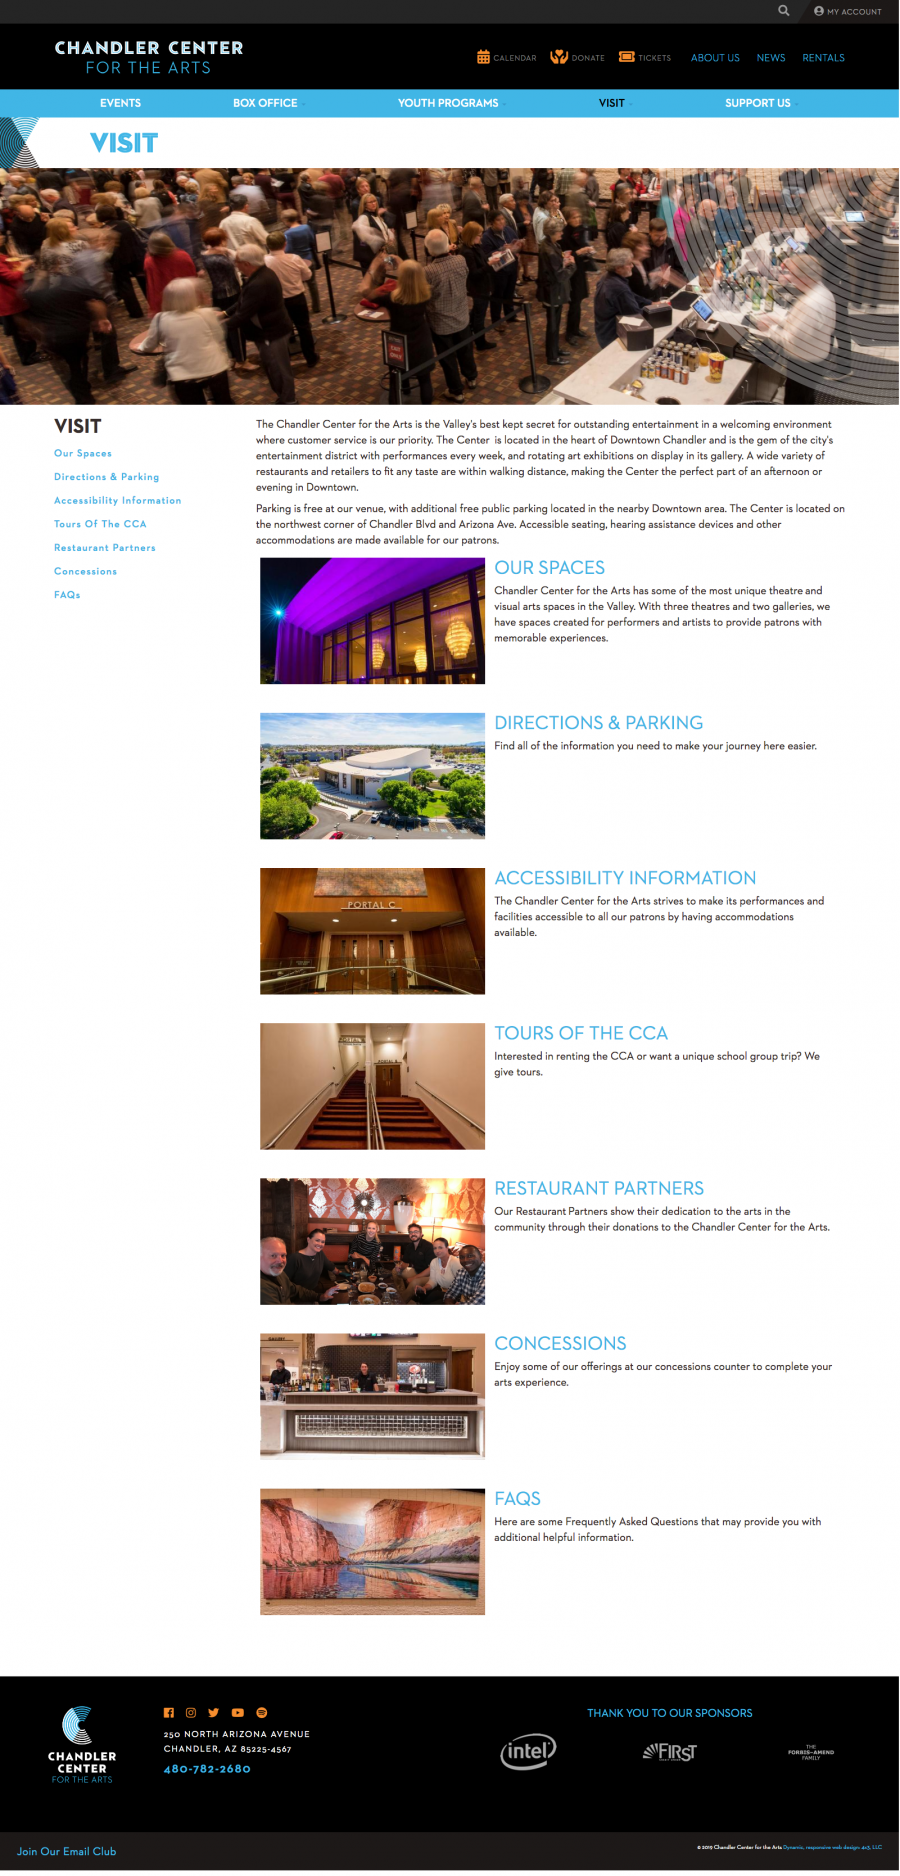 Chandler Website Visit Page